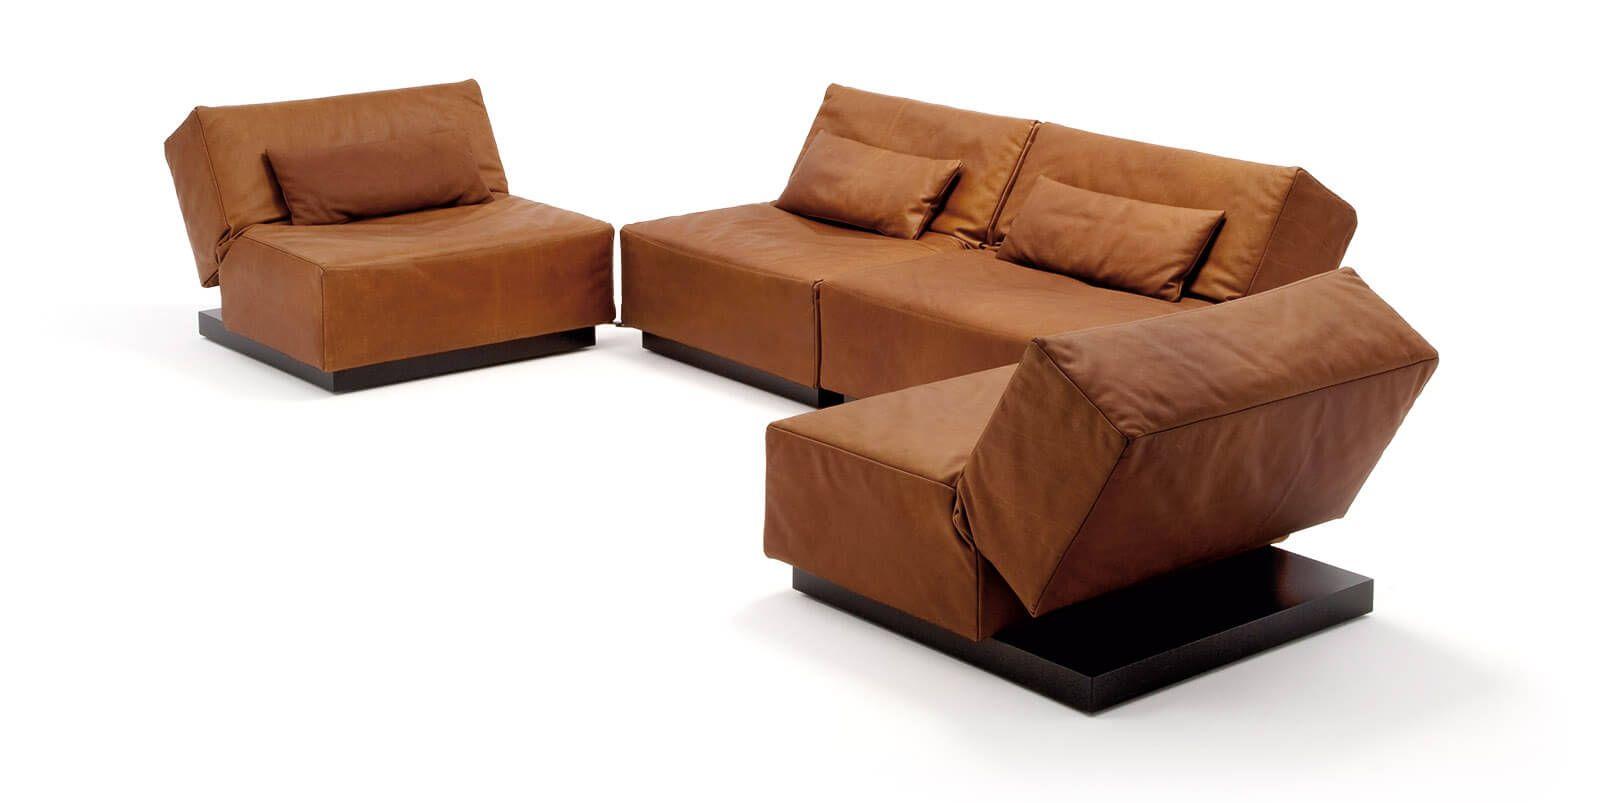 Franz Fertig Sofas corner suite tema by franz fertig sofás camas inteligentes